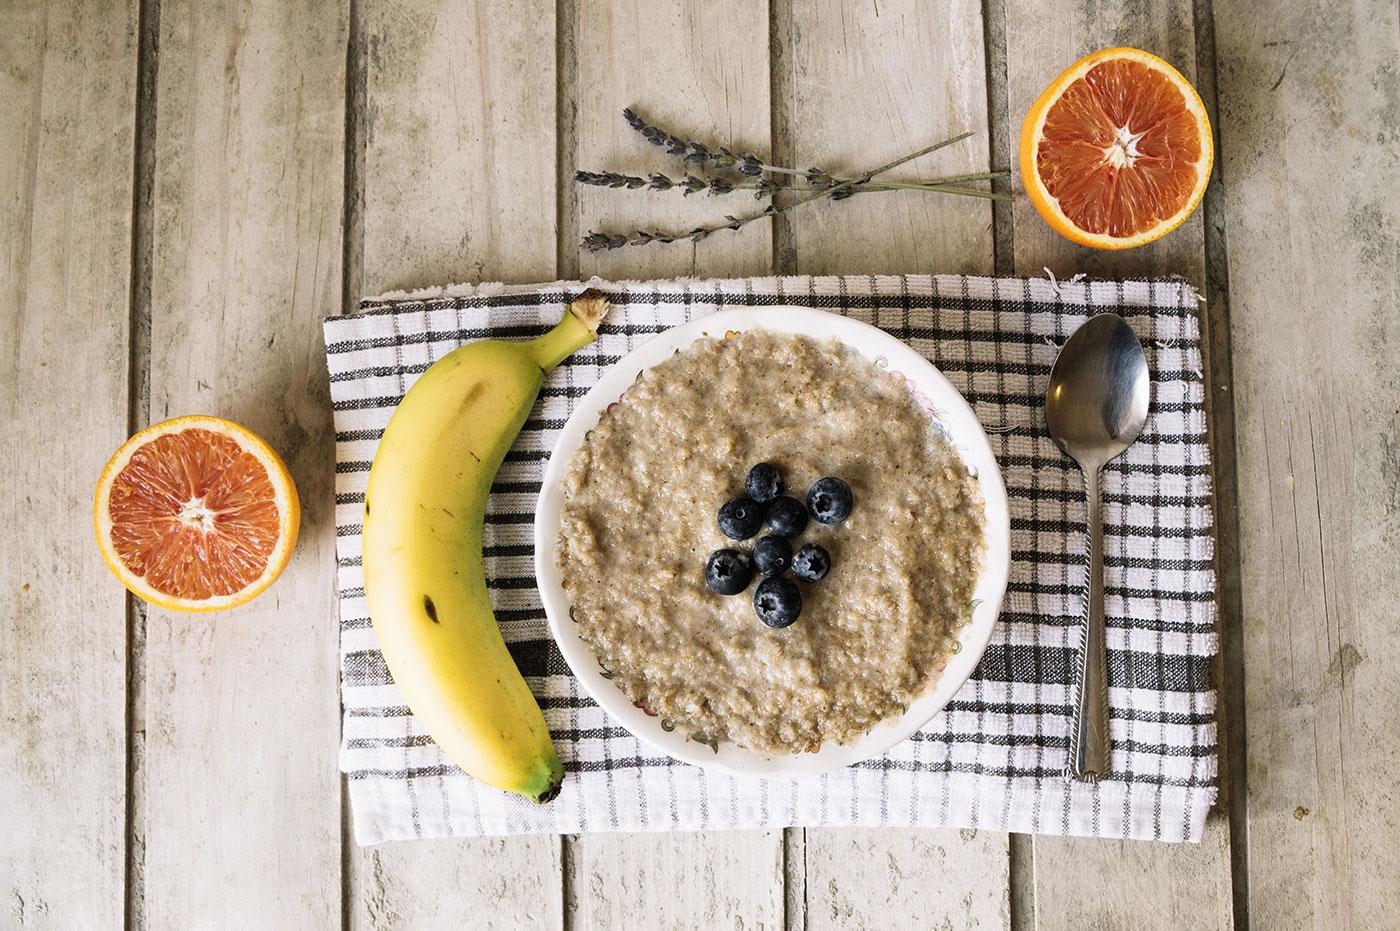 диетическое питание для похудения на месяц